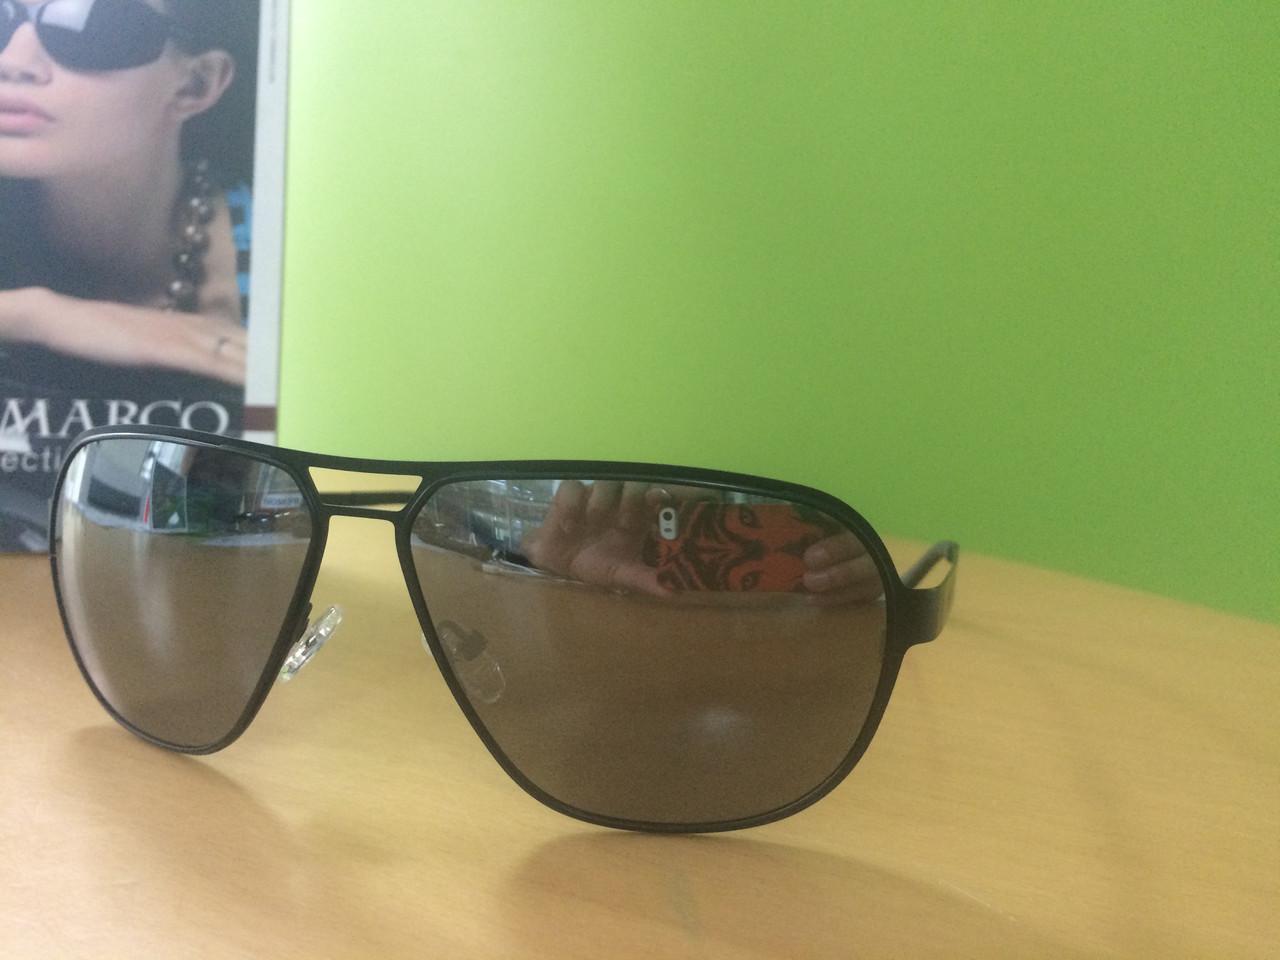 212f2afcf2a9 Солнцезащитные очки Avanglion AV 1141 - интернет-магазин